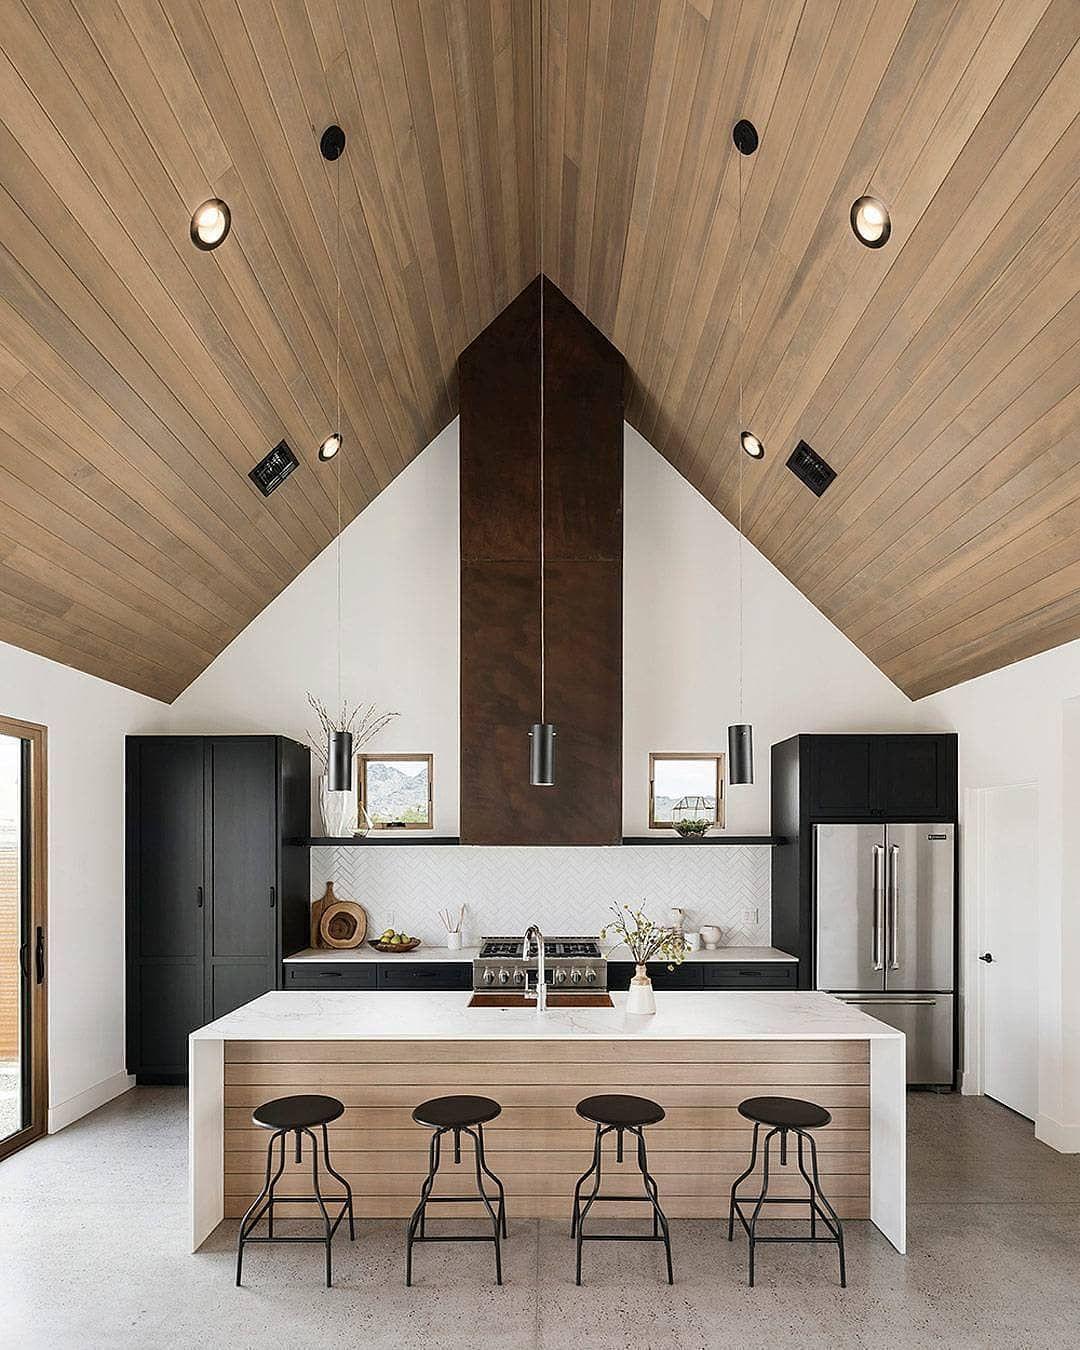 This Pitched Roof Kitchen Yes Scandinavian Kitchen Design Modern Farmhouse Kitchens Modern Kitchen Design